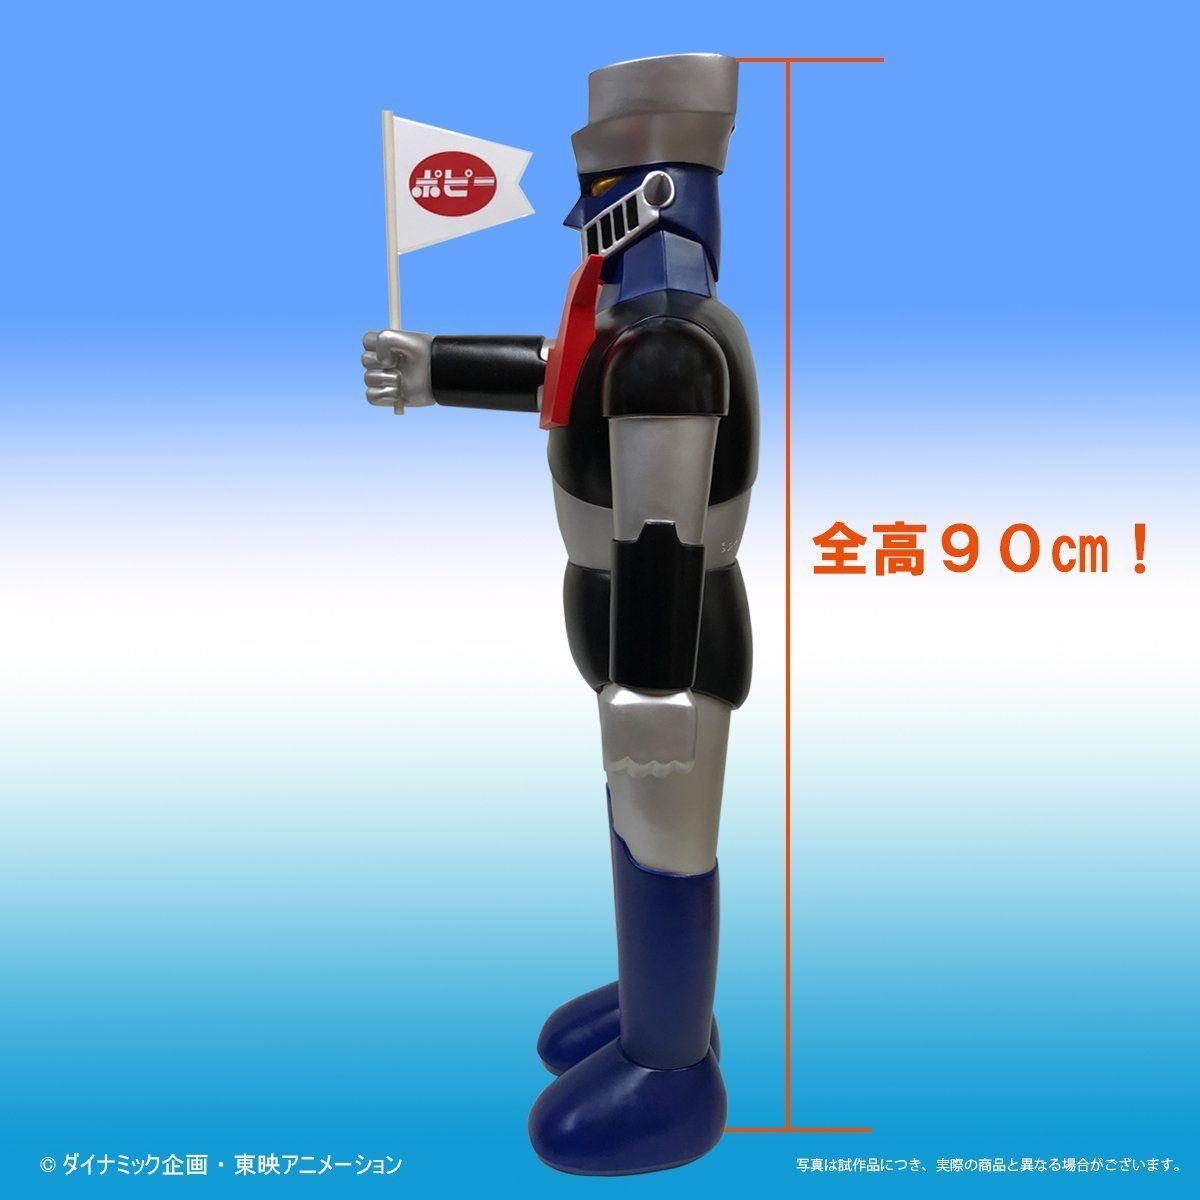 【限定販売】マジンガーZ『ポピー店頭用ジャンボマジンガーZ Aタイプ』ソフビ-004